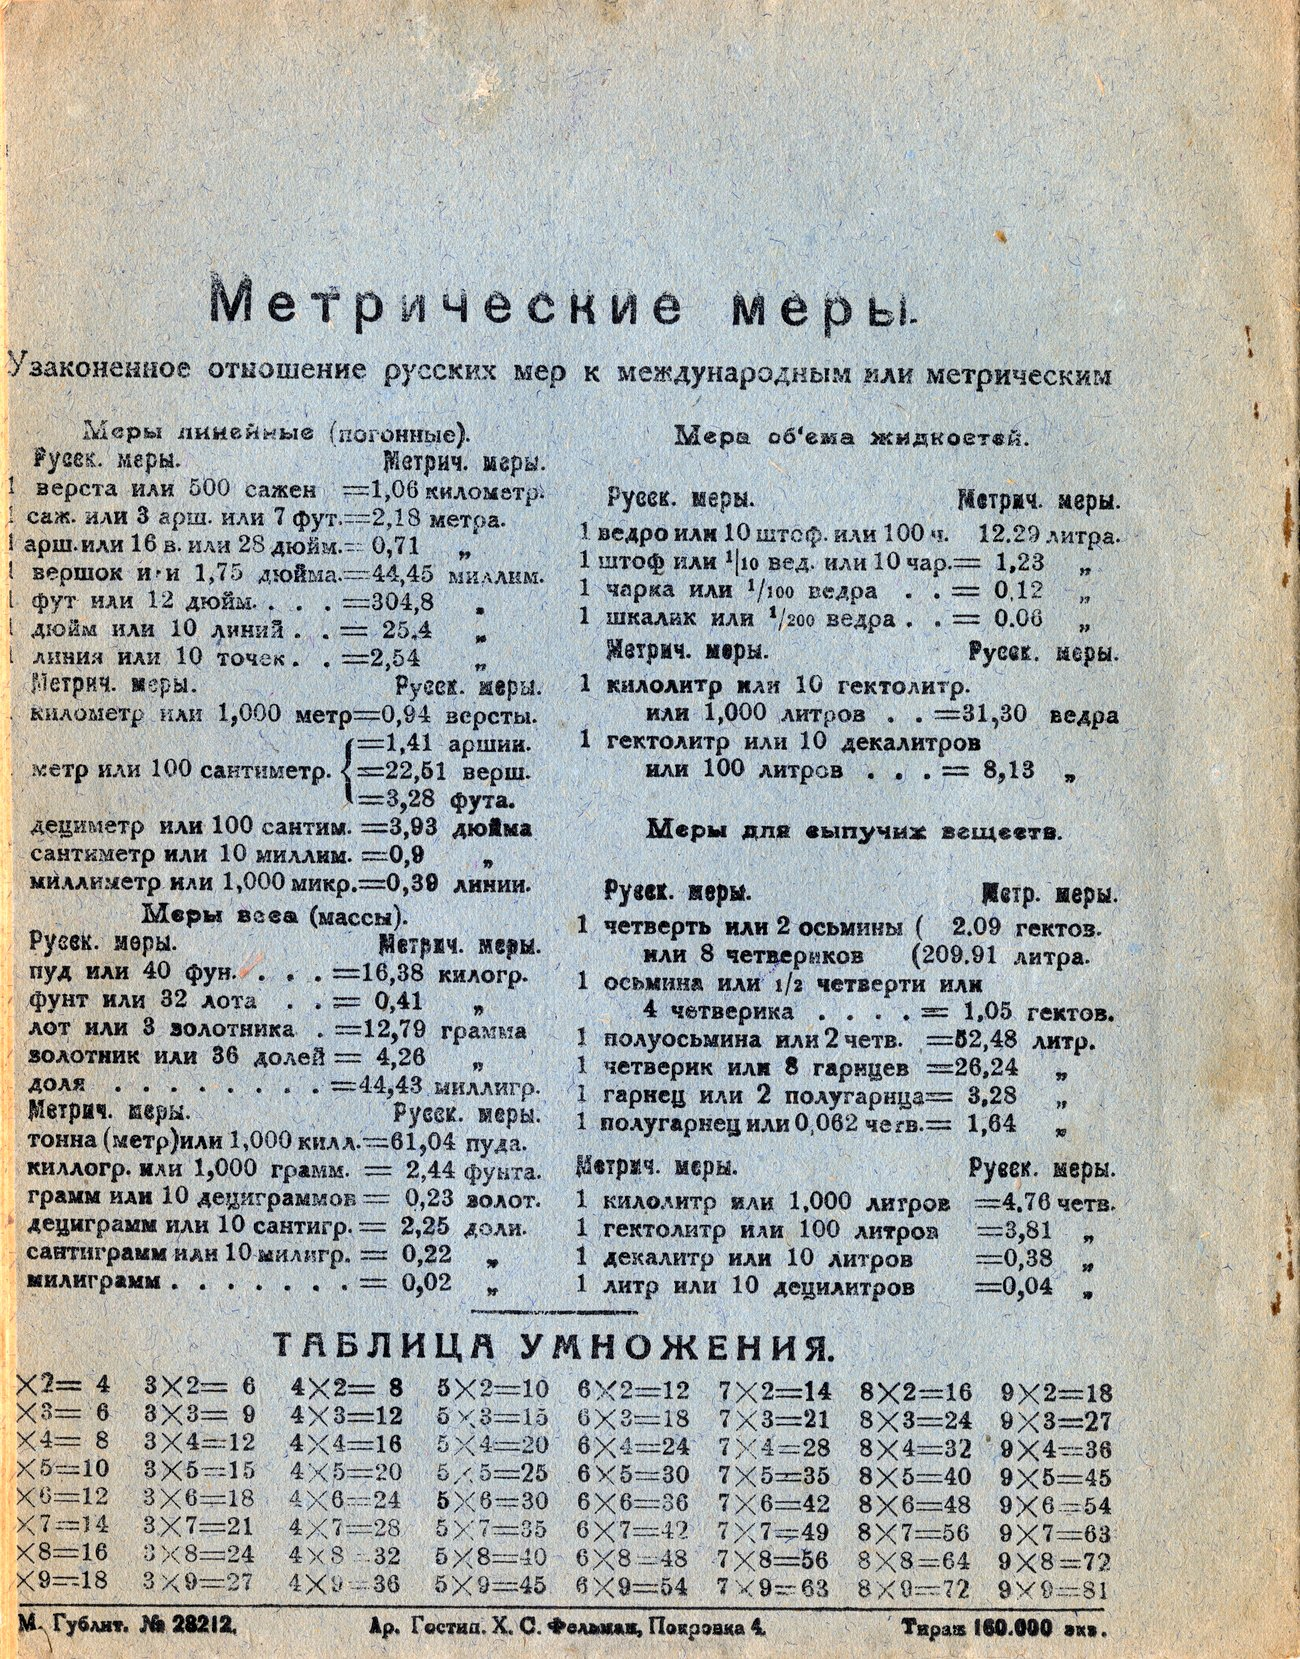 Тетрадь Калинин (25), оборот